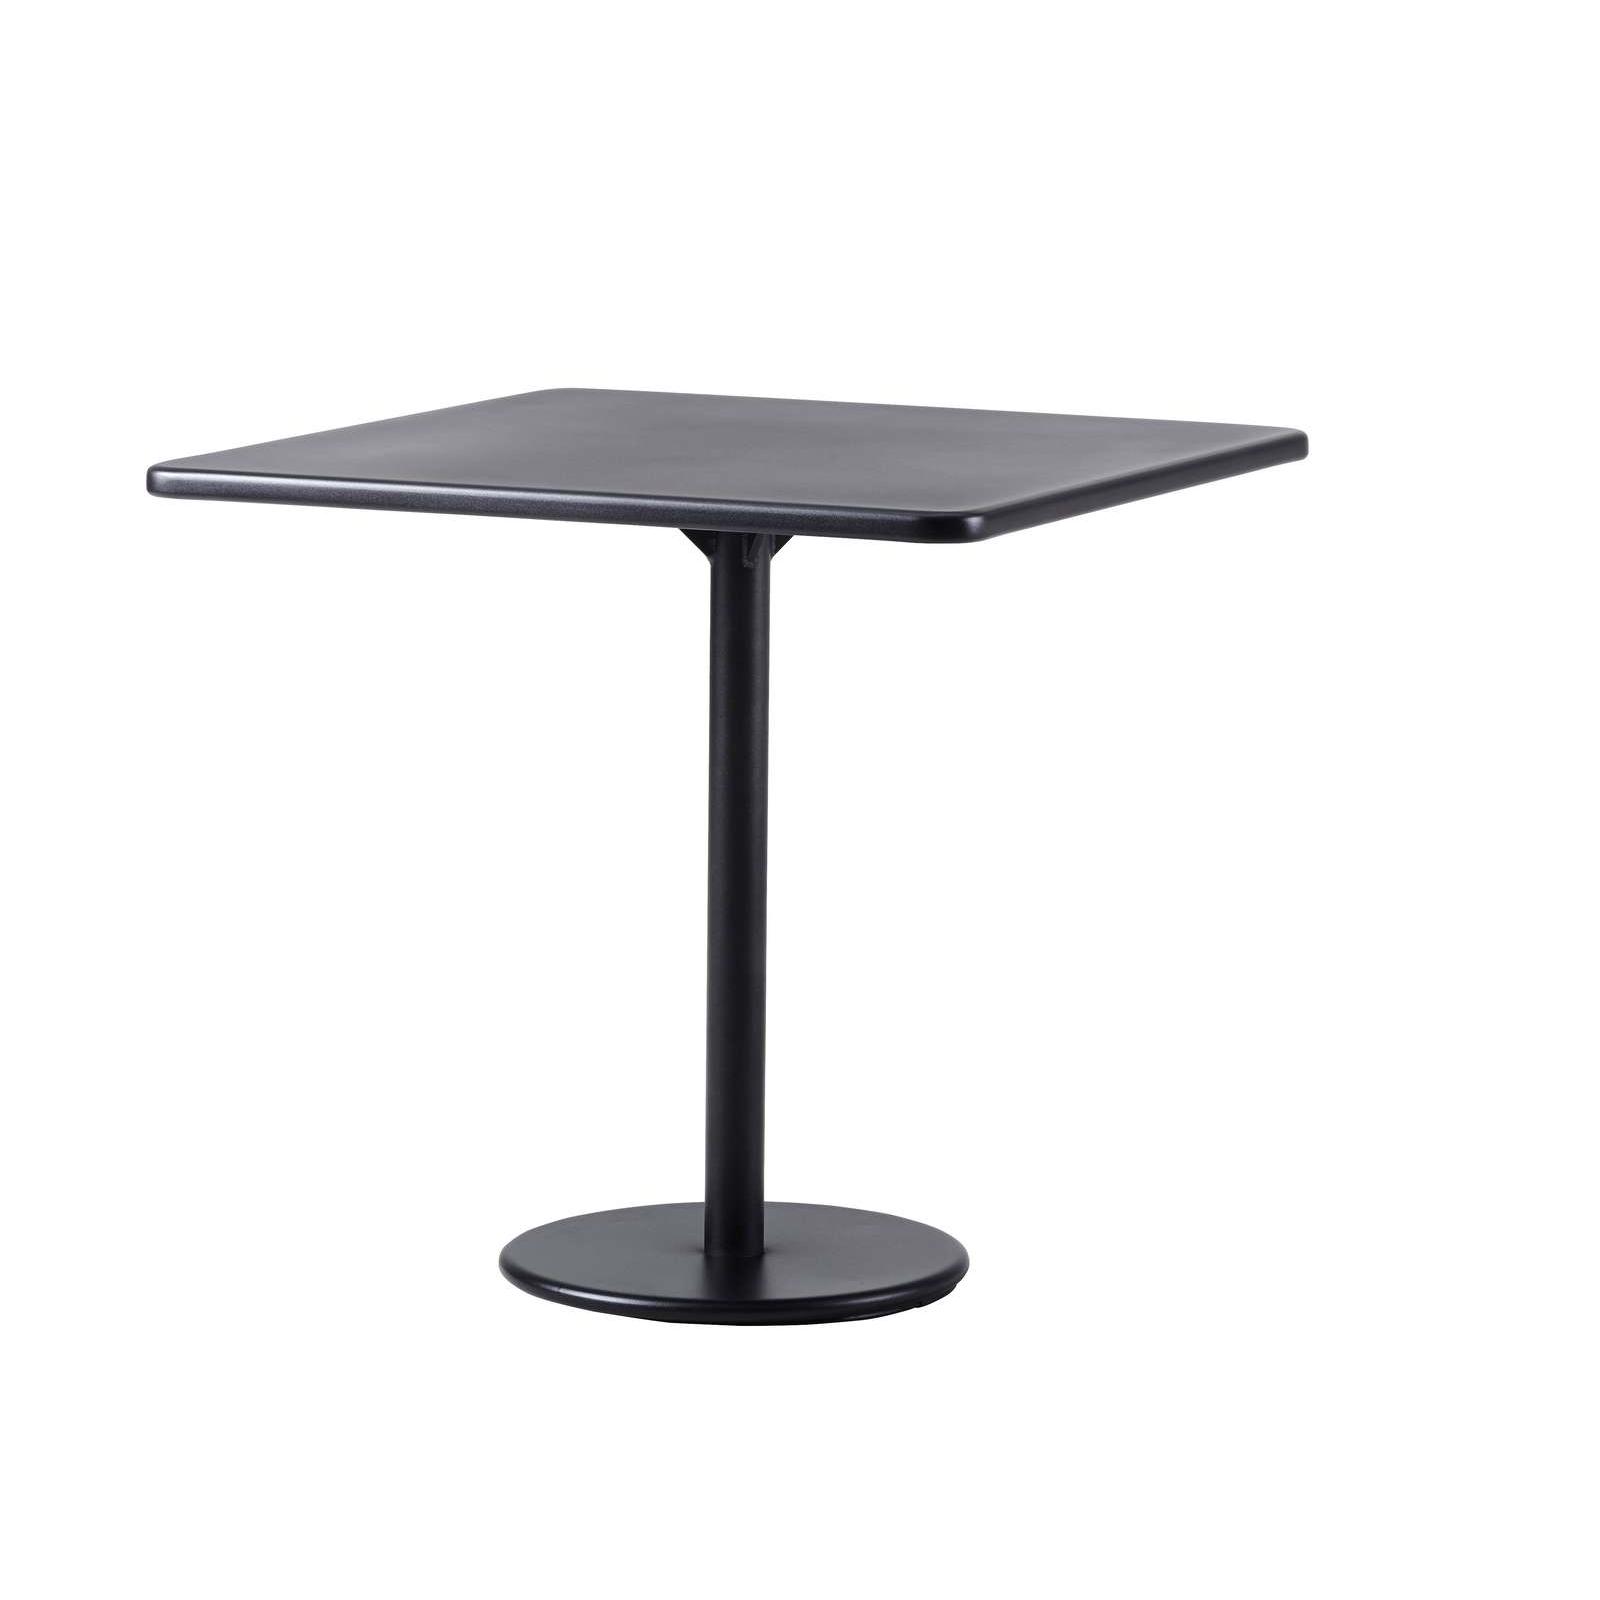 Cafébord GO 70 x 75 cm lavagrå, Cane-line